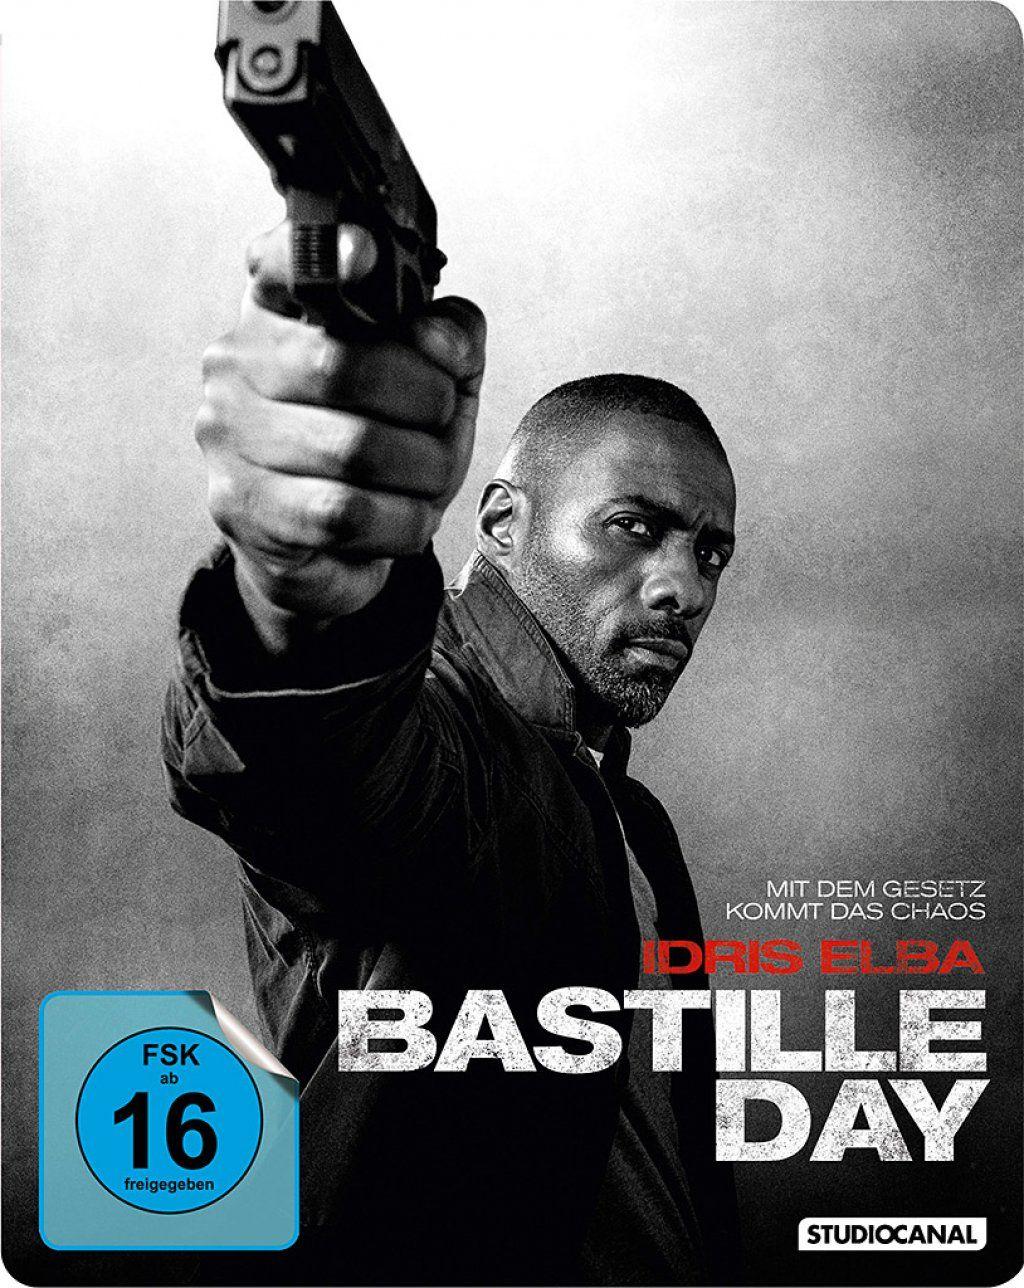 Bastille Day - Mit dem Gesetz kommt das Chaos (Lim. Steelbook) (BLURAY)